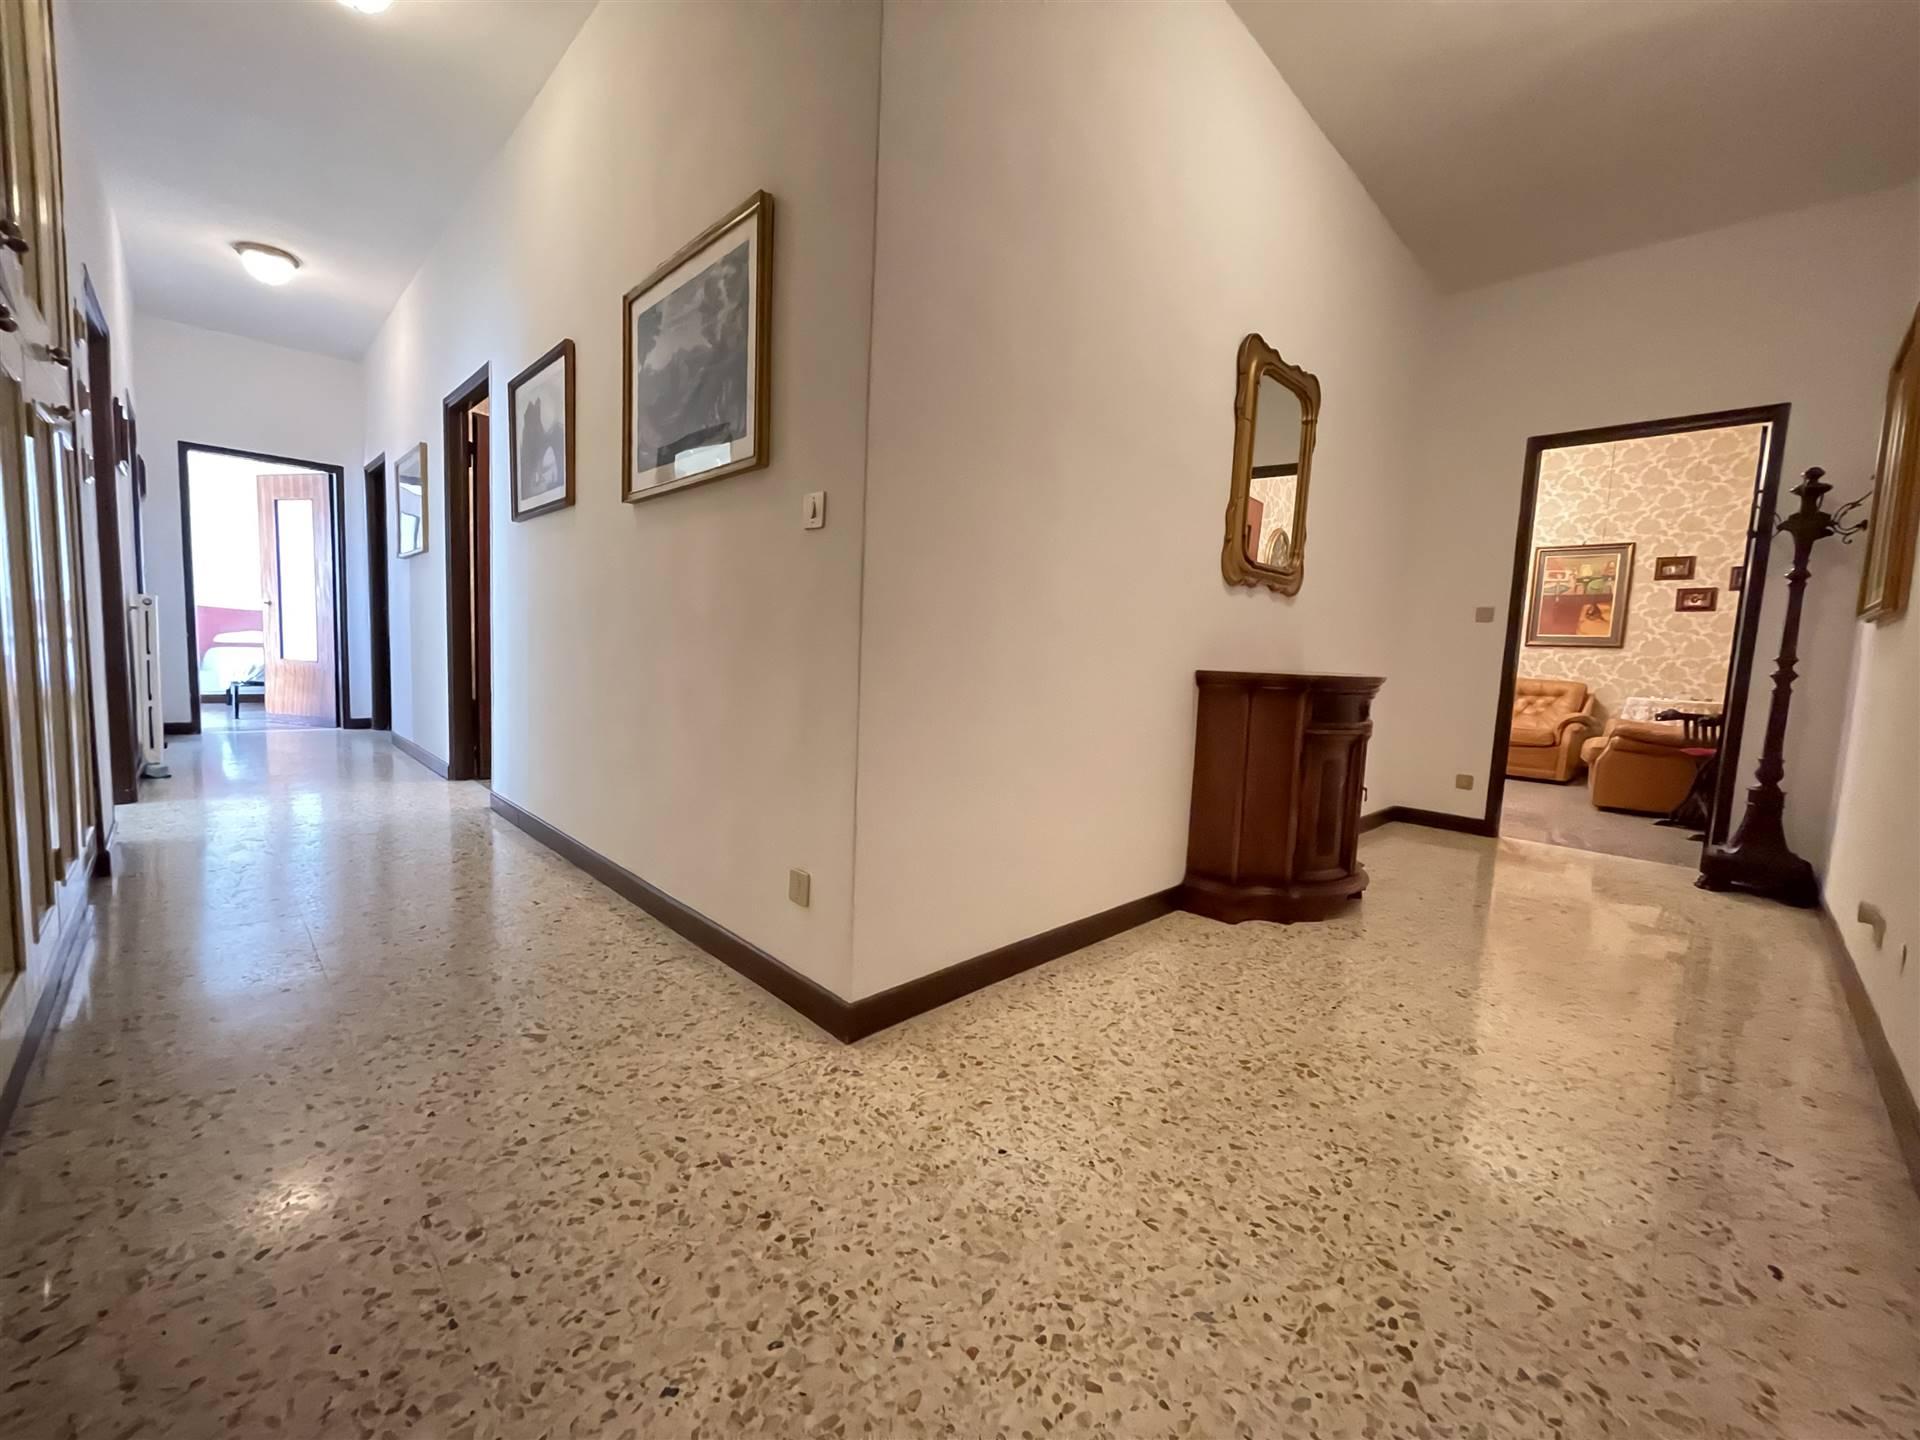 LEUCA, LECCE, Wohnung zu verkaufen, Bewohnbar, Heizung Unabhaengig, Energie-klasse: G, am boden 5°, zusammengestellt von: 4 Raume, , 2 Zimmer, 1